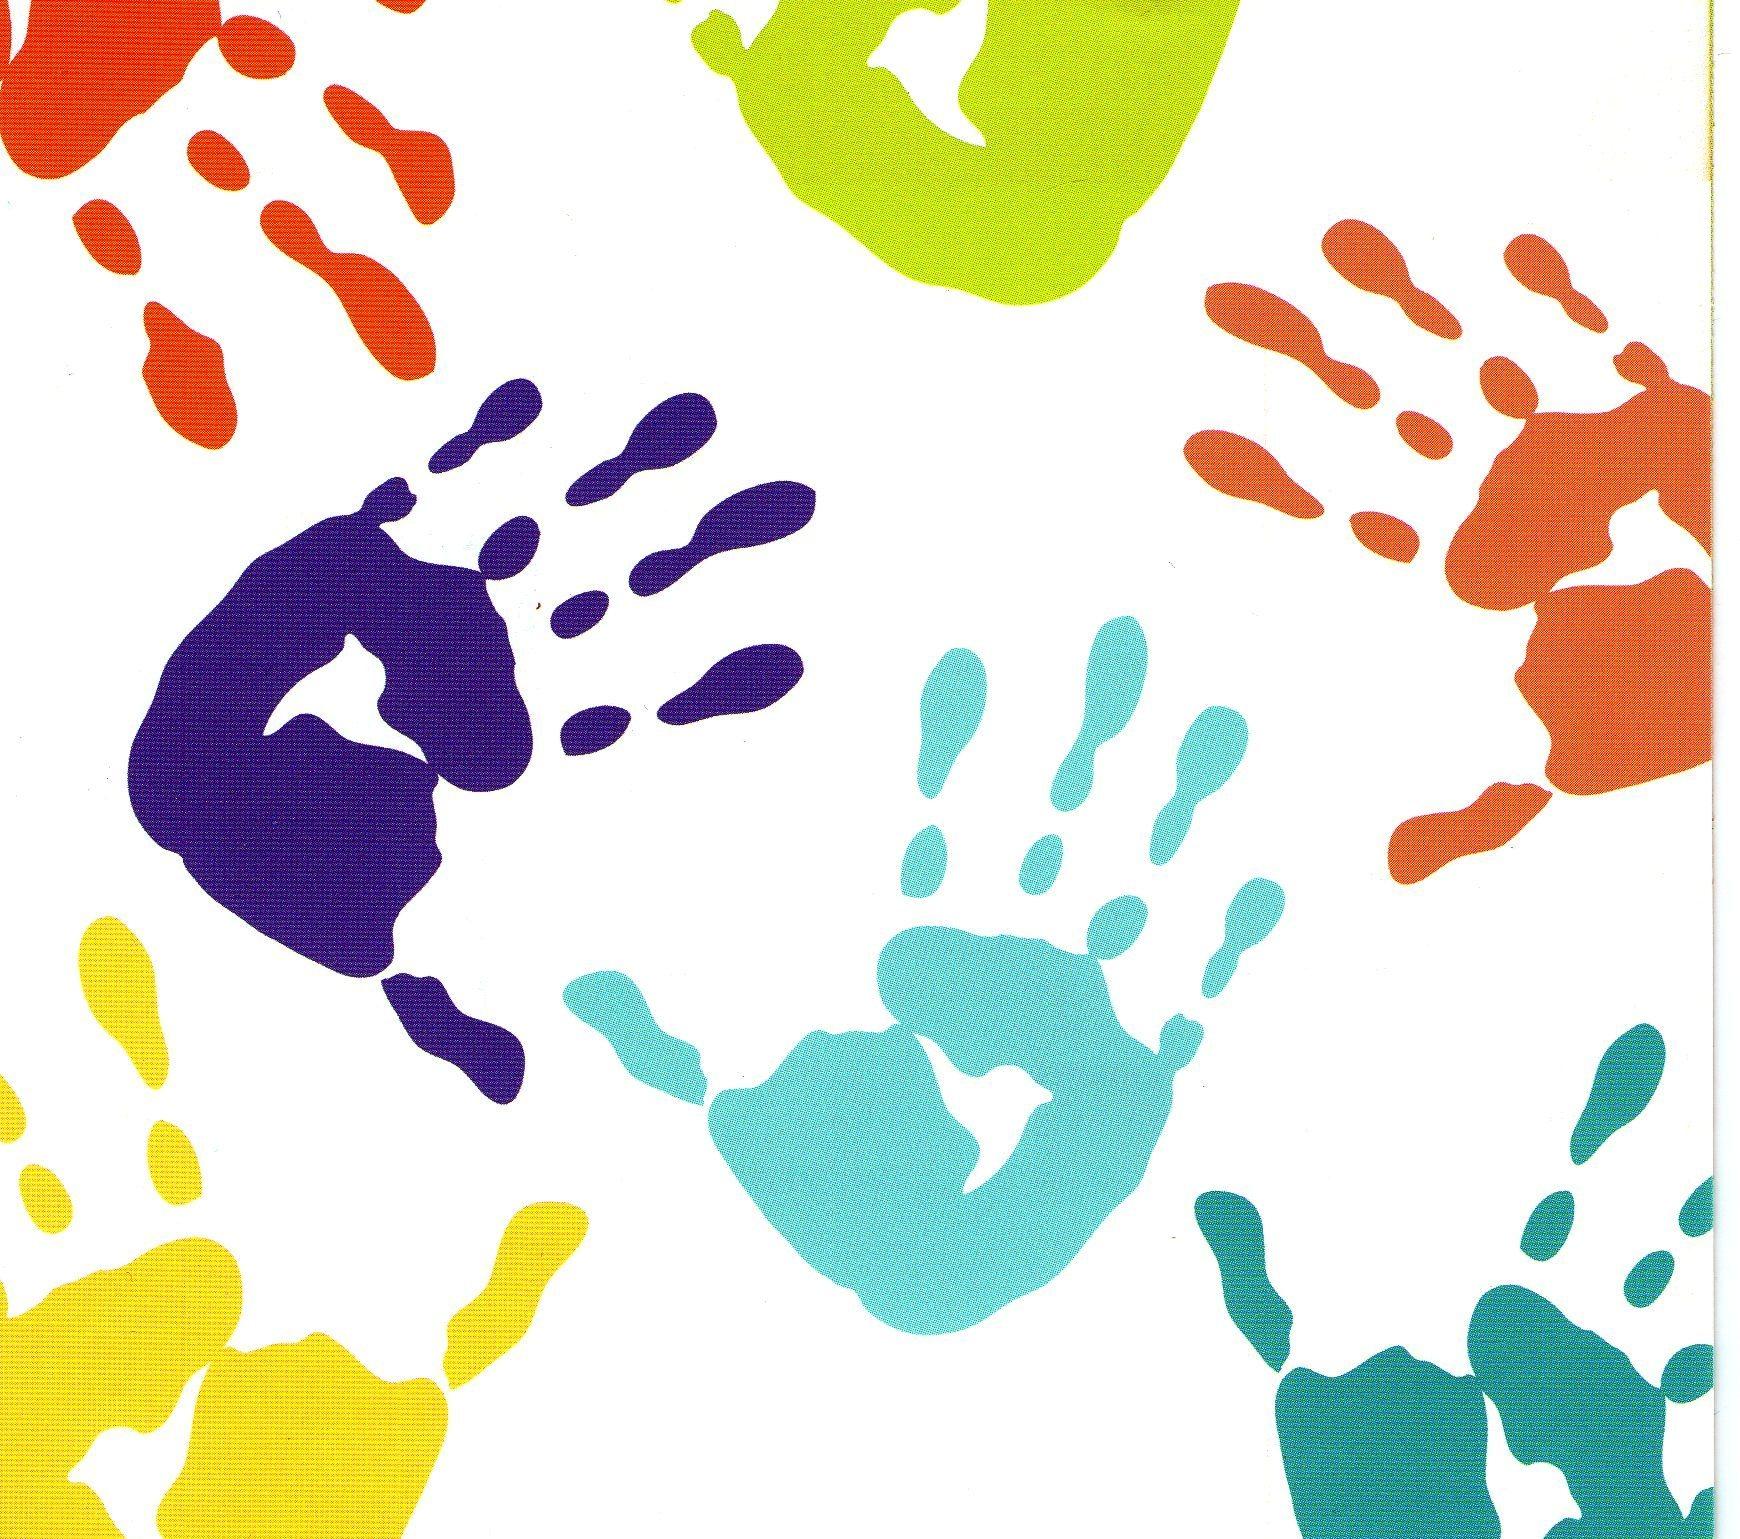 Cours de dessin peinture et loisirs creatifs pour enfants - Main en dessin ...